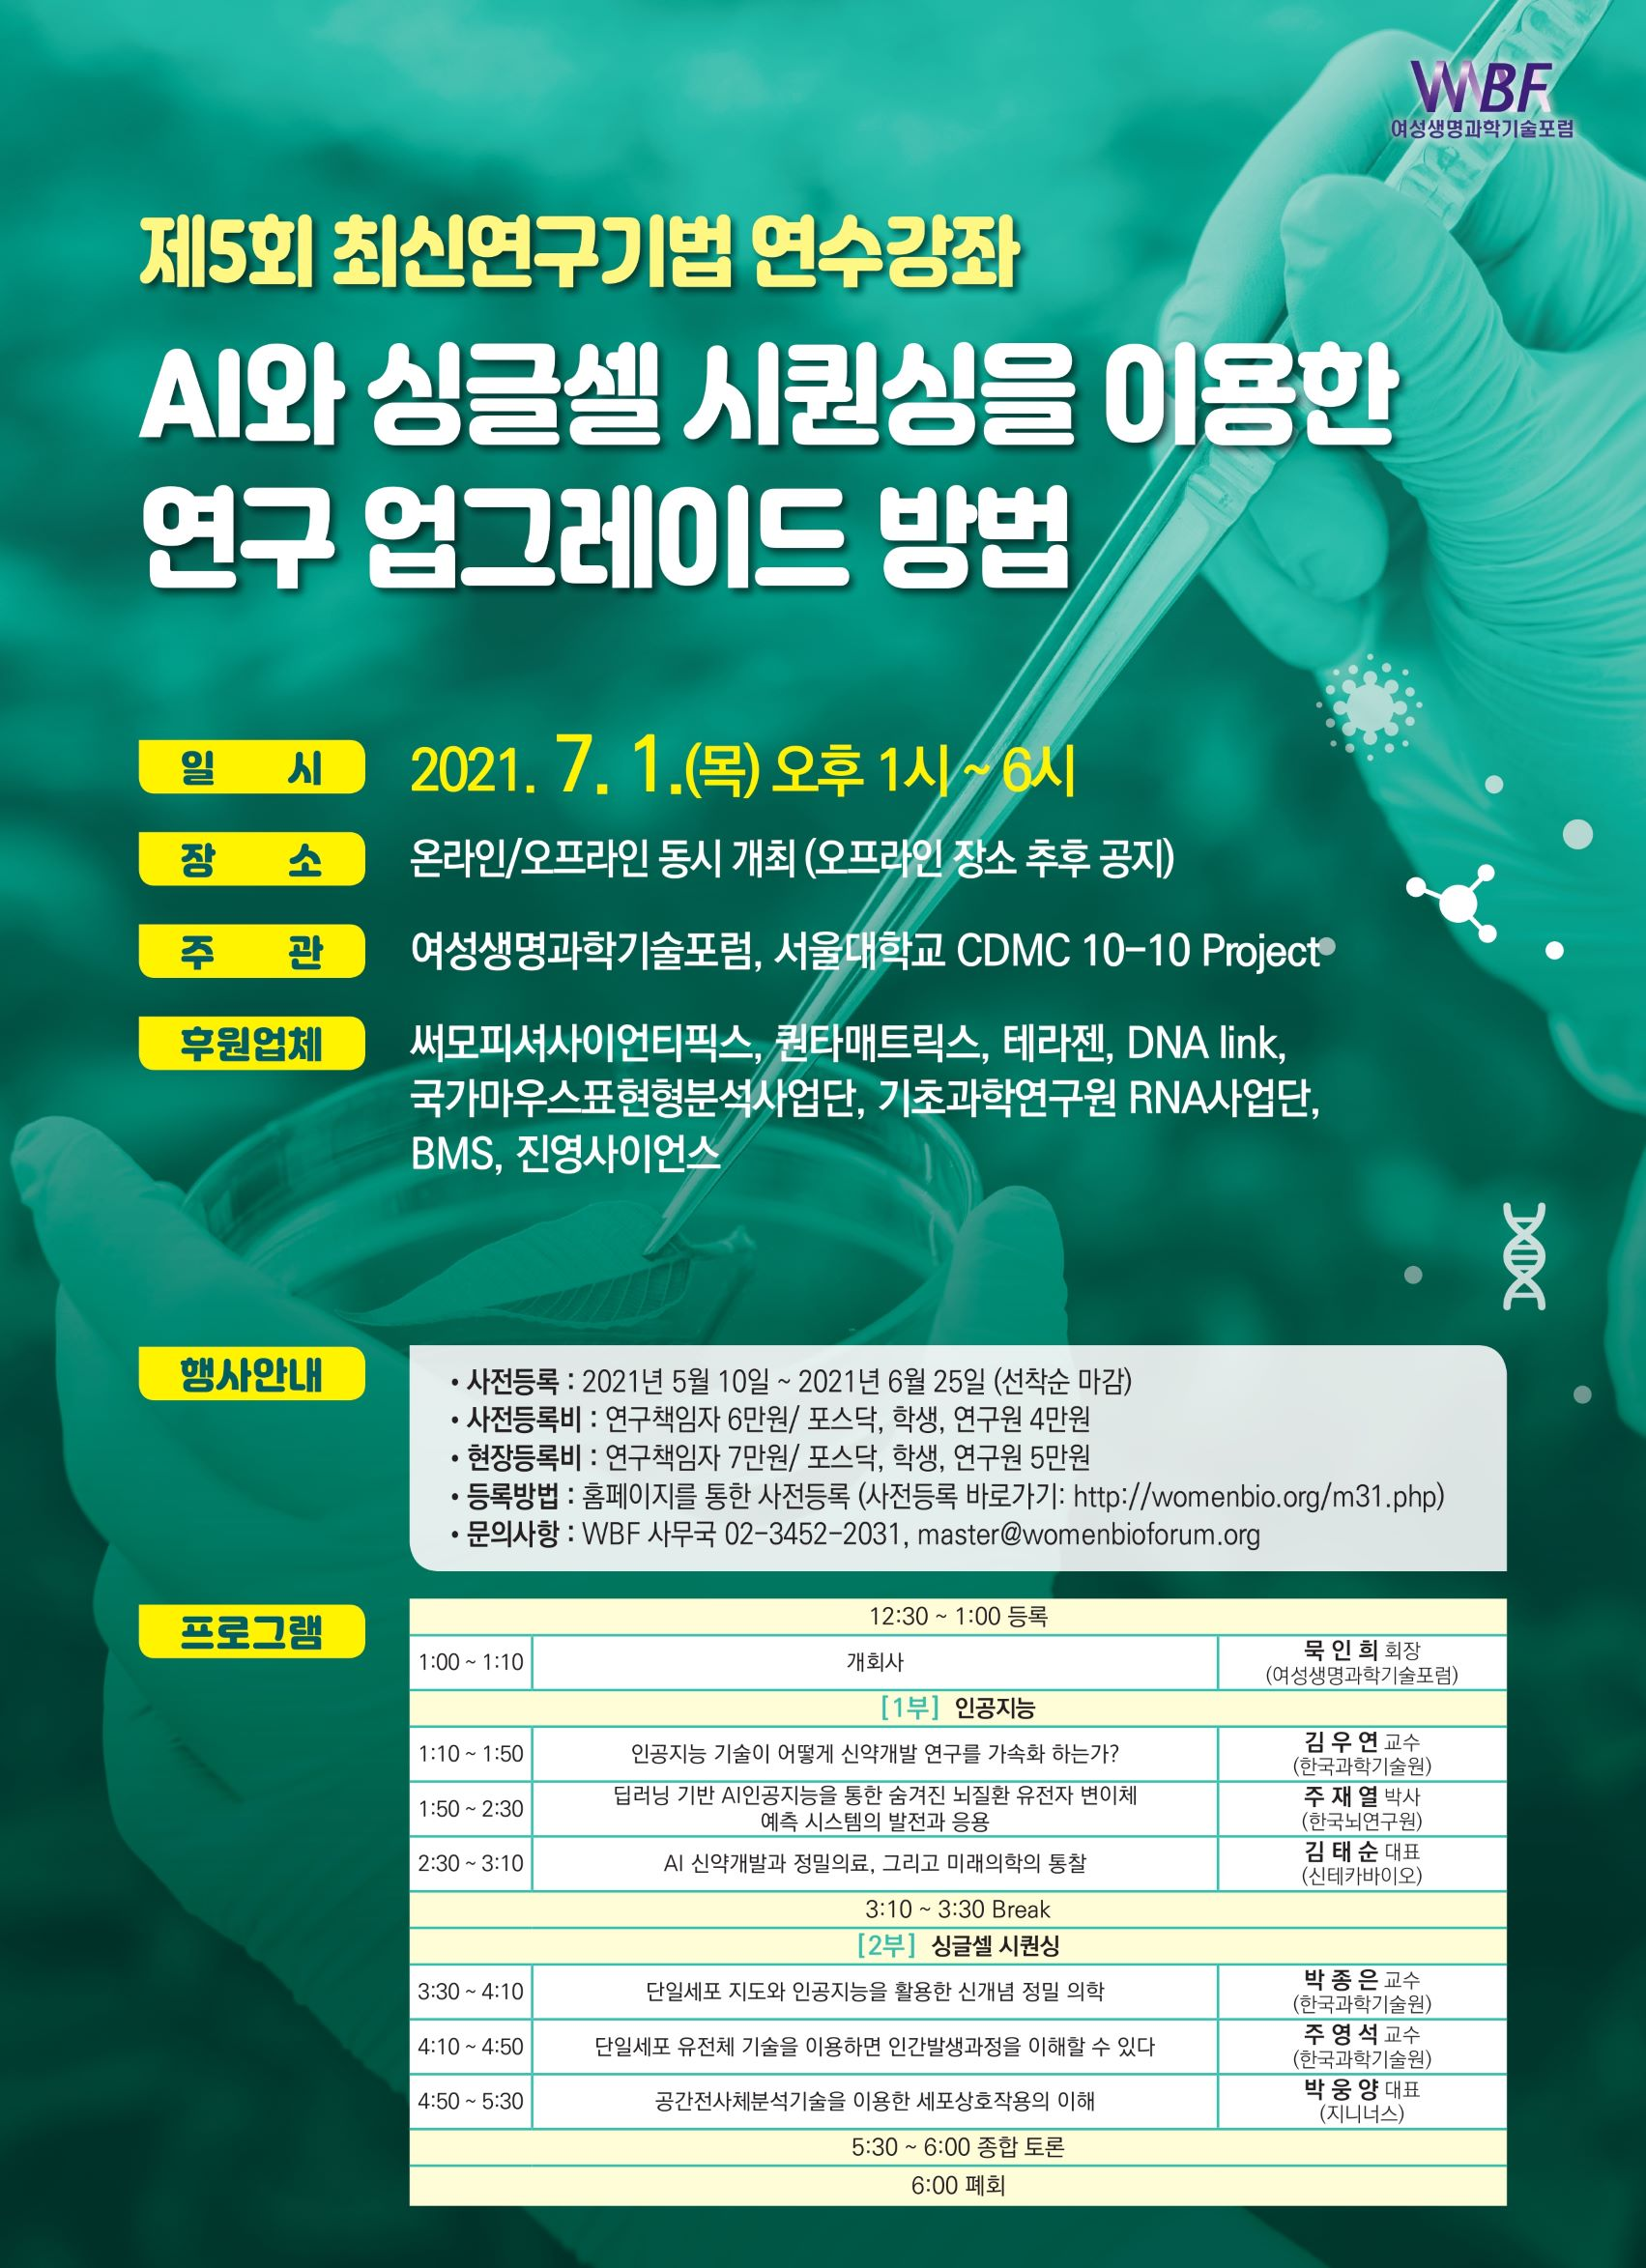 제5회 여성생명과학기술포럼 연수강좌 포스터.jpg